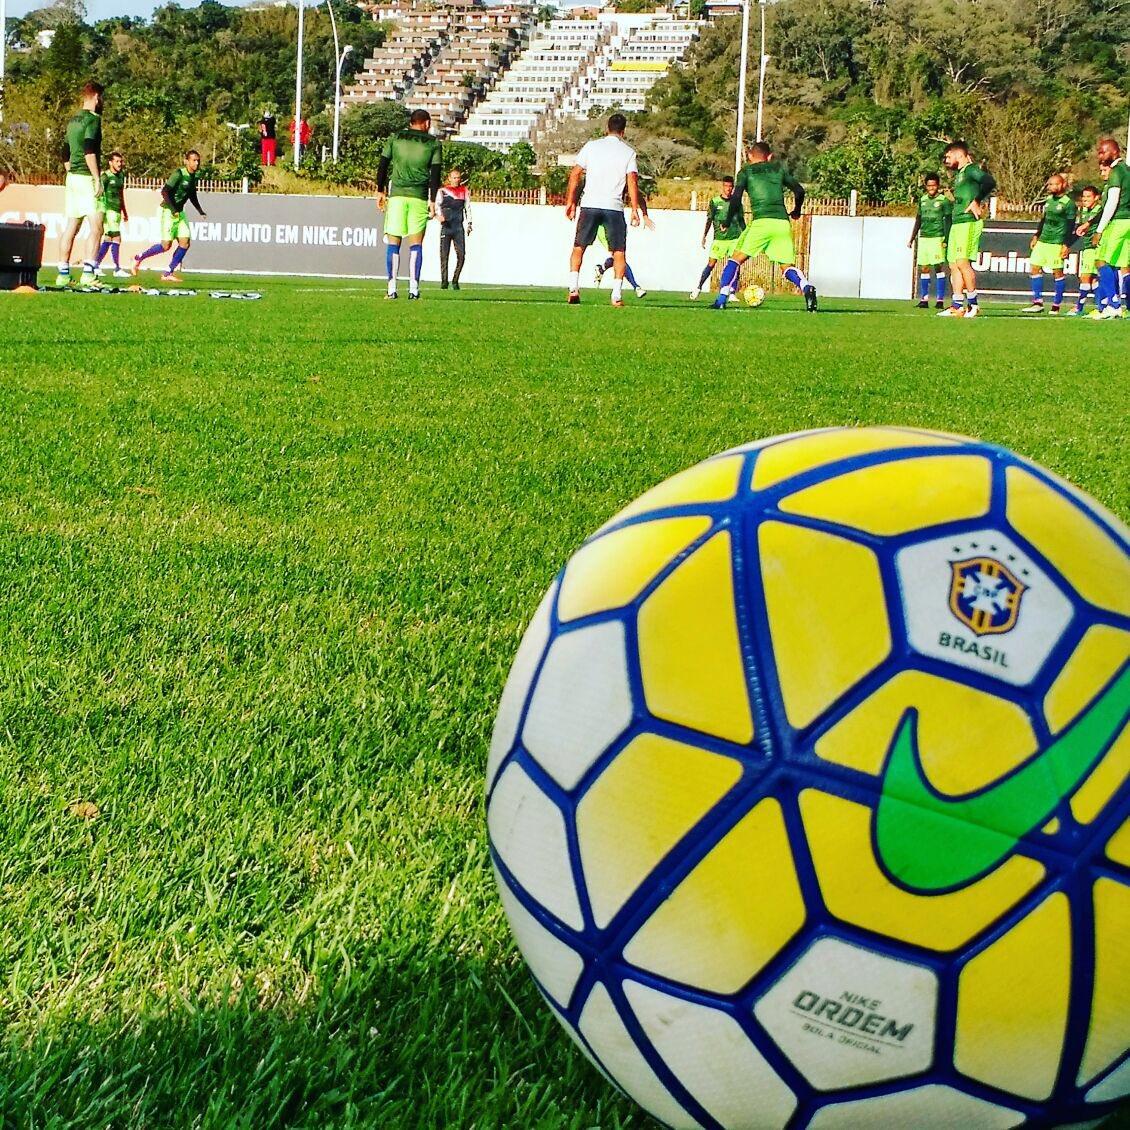 33c412944 Futebol e Cidadania com atletas do Sub-20. Matéria completa no site   https   t.co Khp4QaegKf